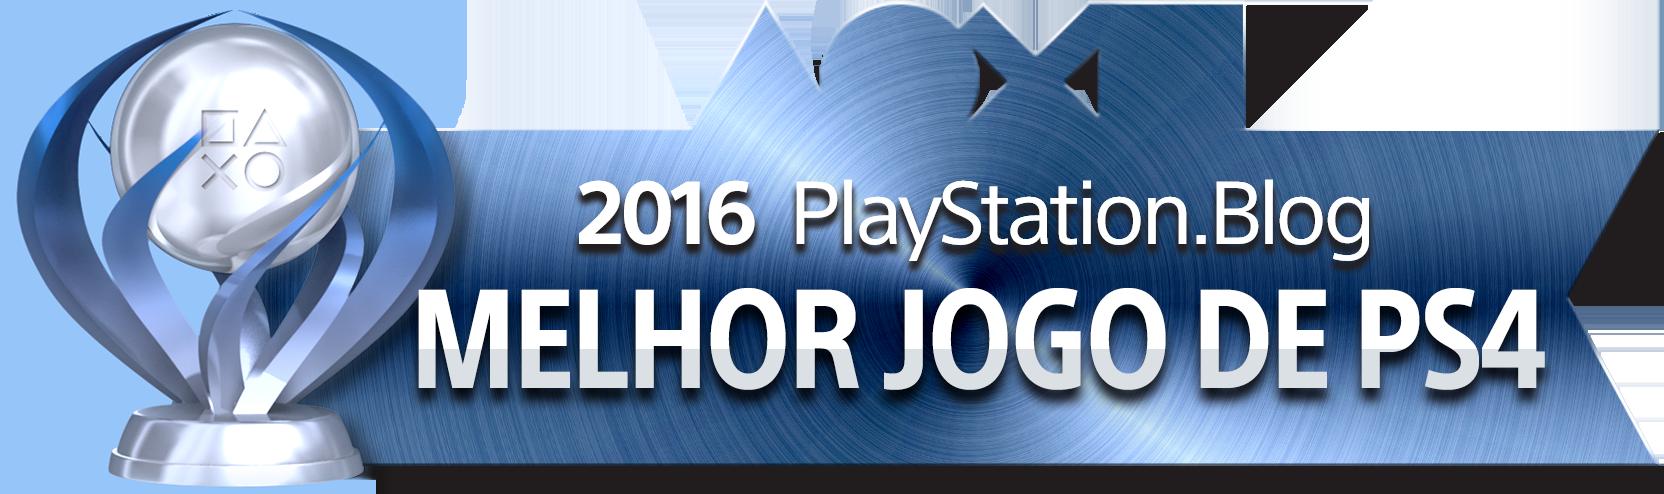 Melhor Jogo de PS4 - Platina